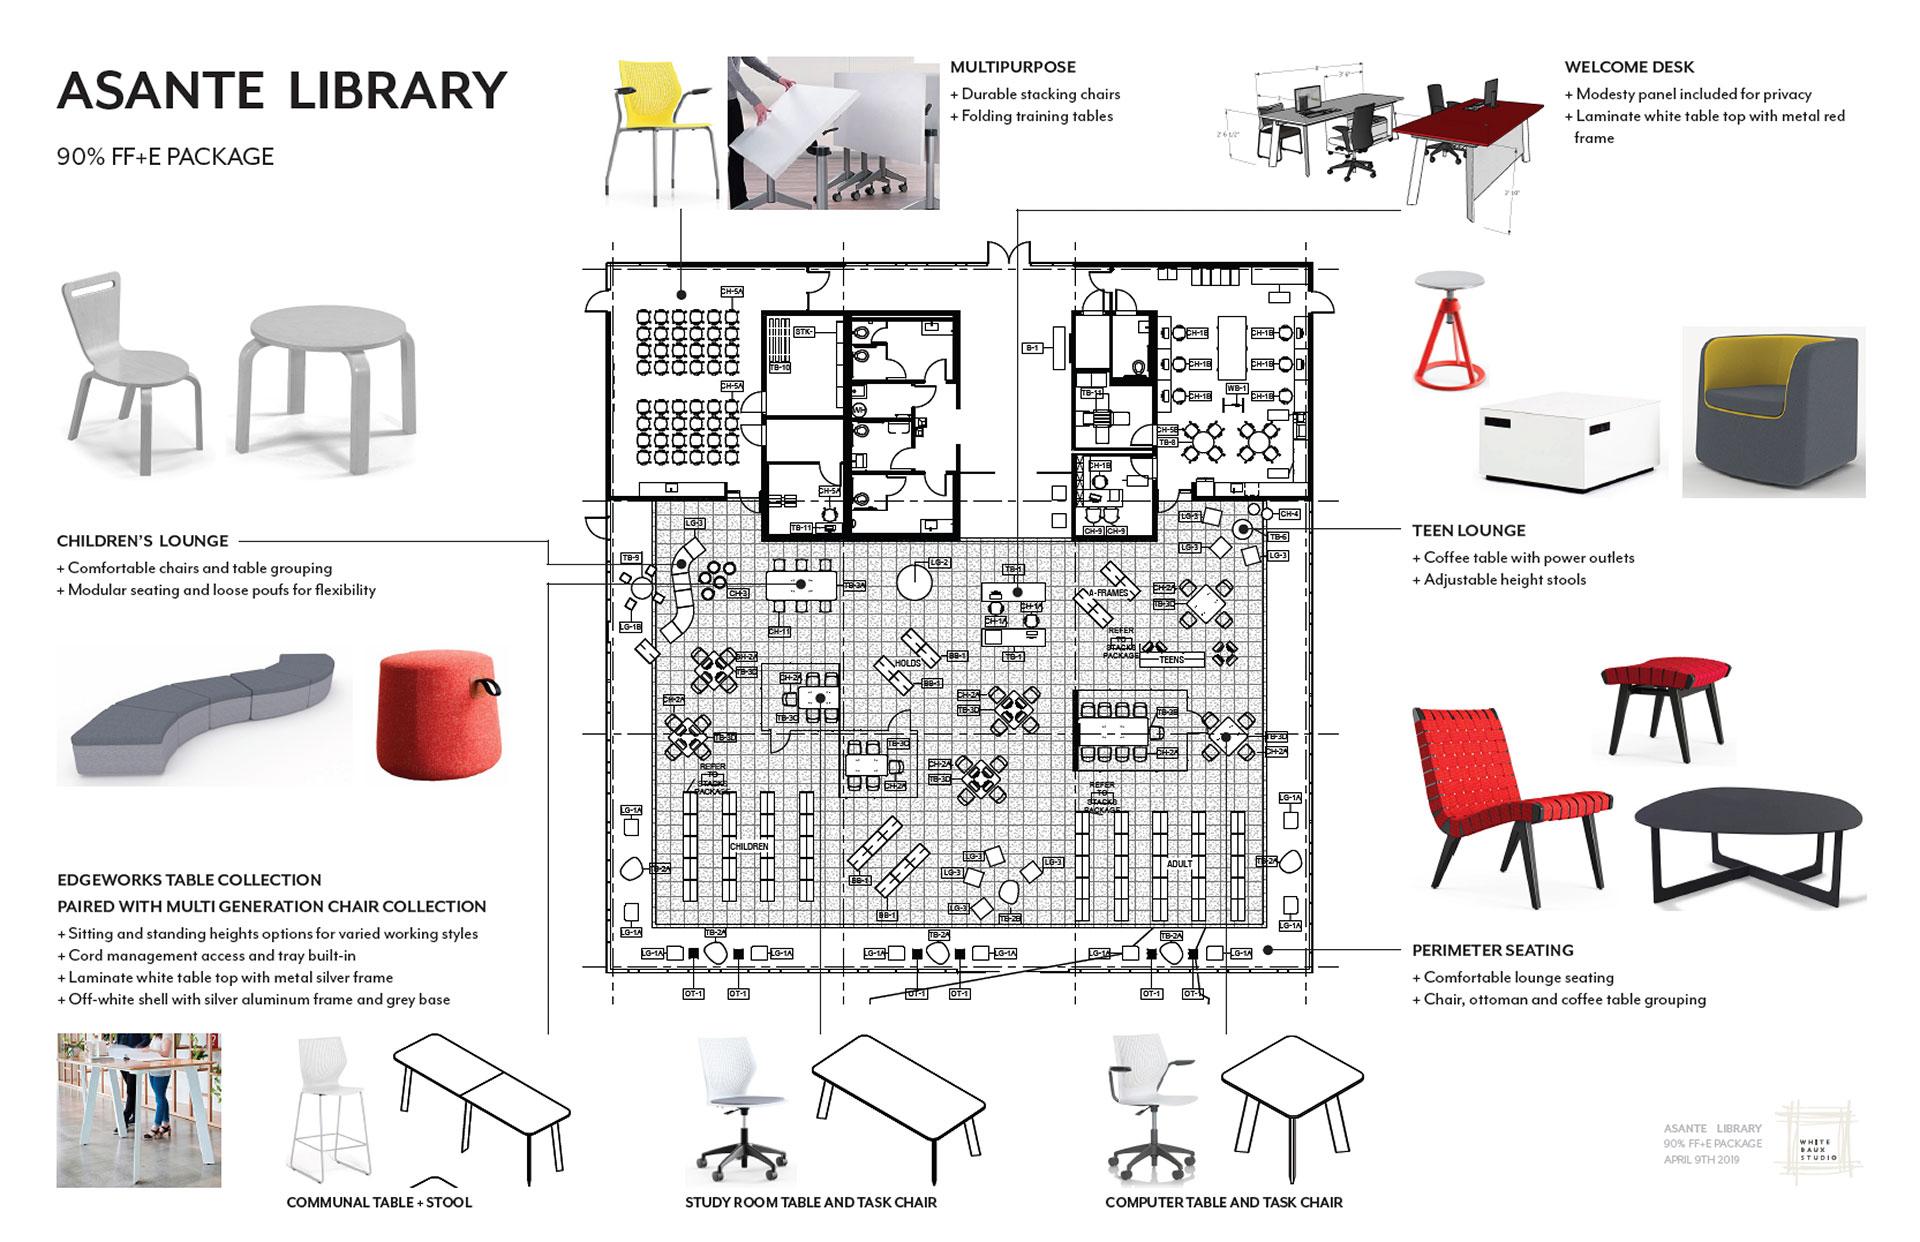 white baux library Asante storyboard Asante Branch Library